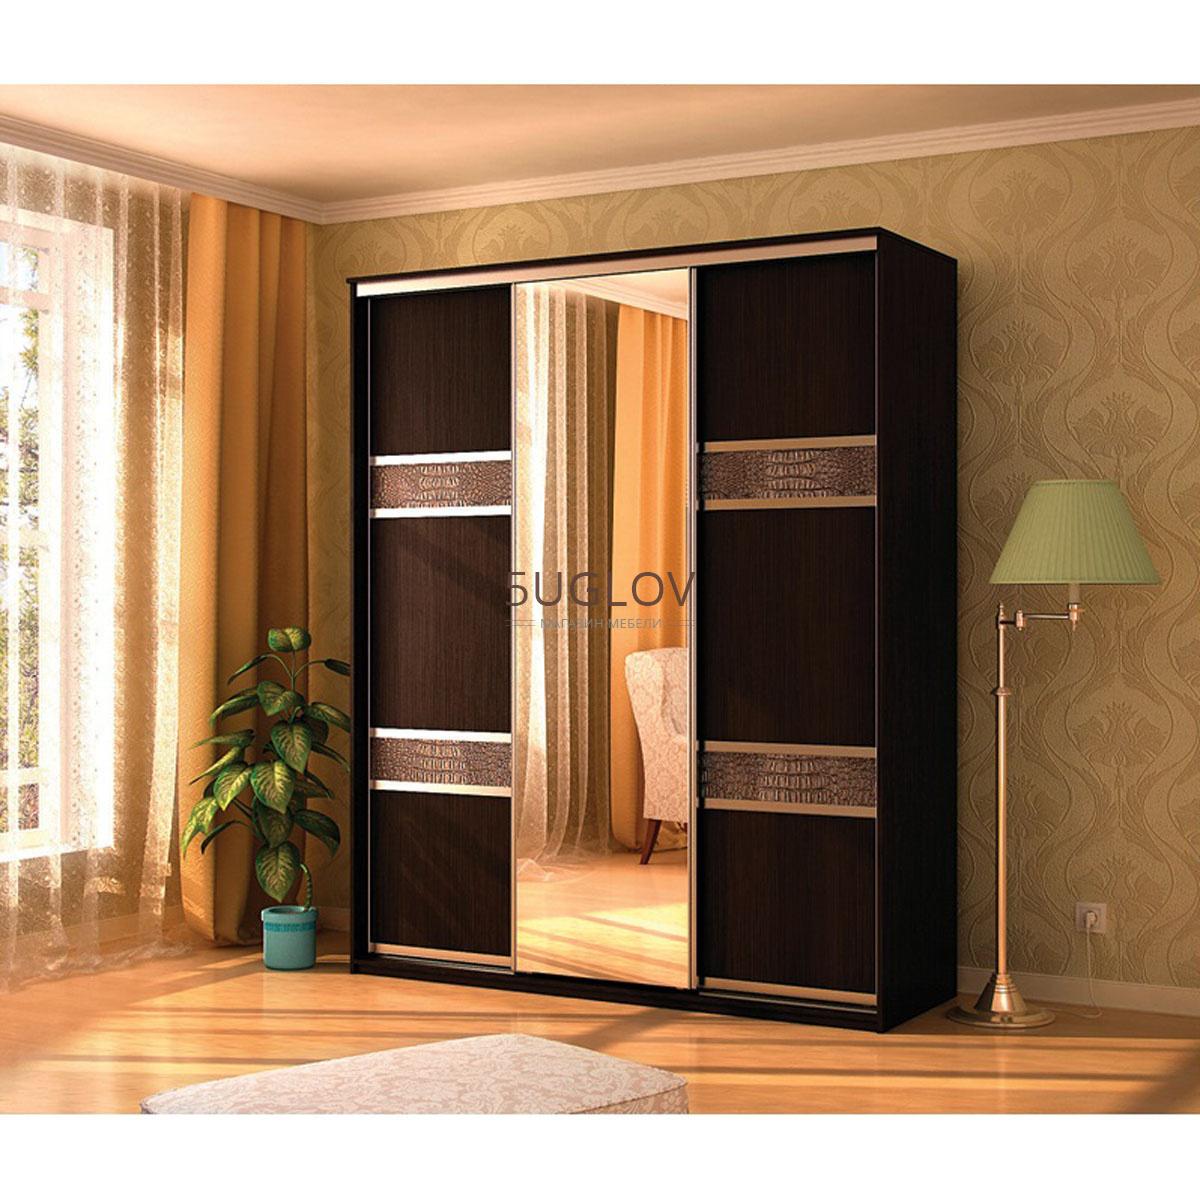 Шкаф-купе де люкс-7 трехдверный (мэри мебель) - интернет маг.